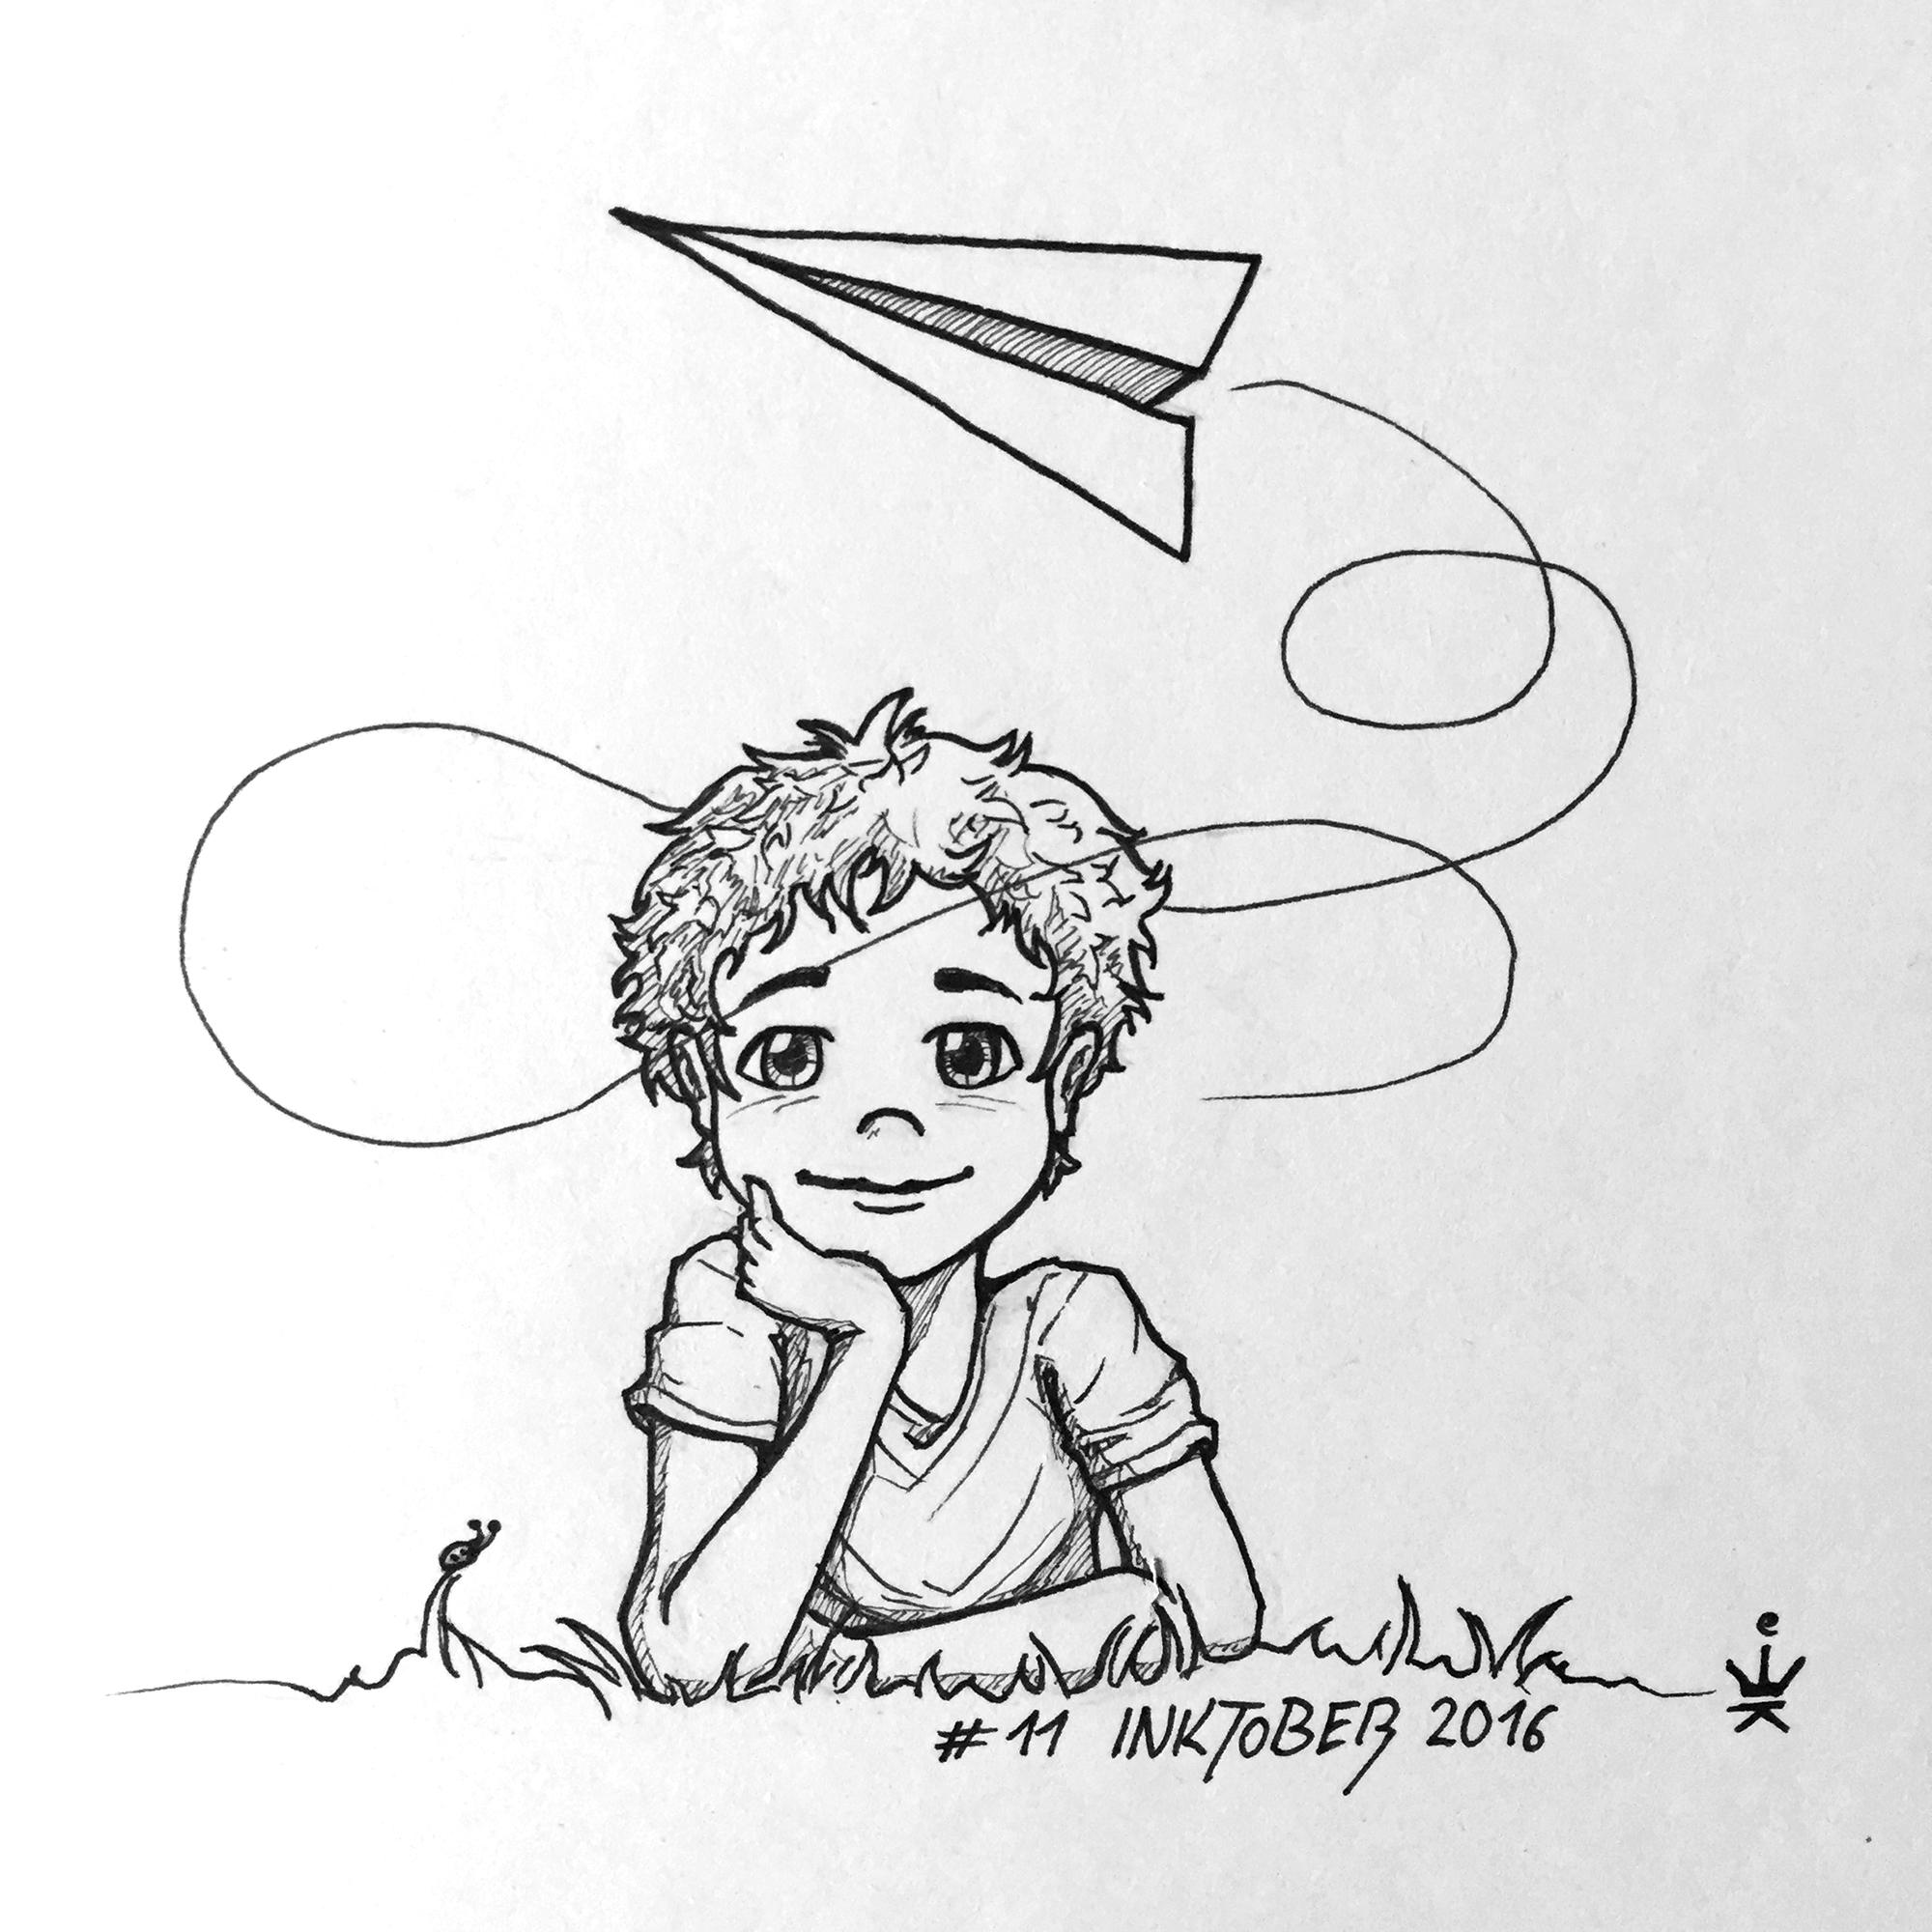 Inktober 11 - Paper Plane Boy (c) Esther Wagner